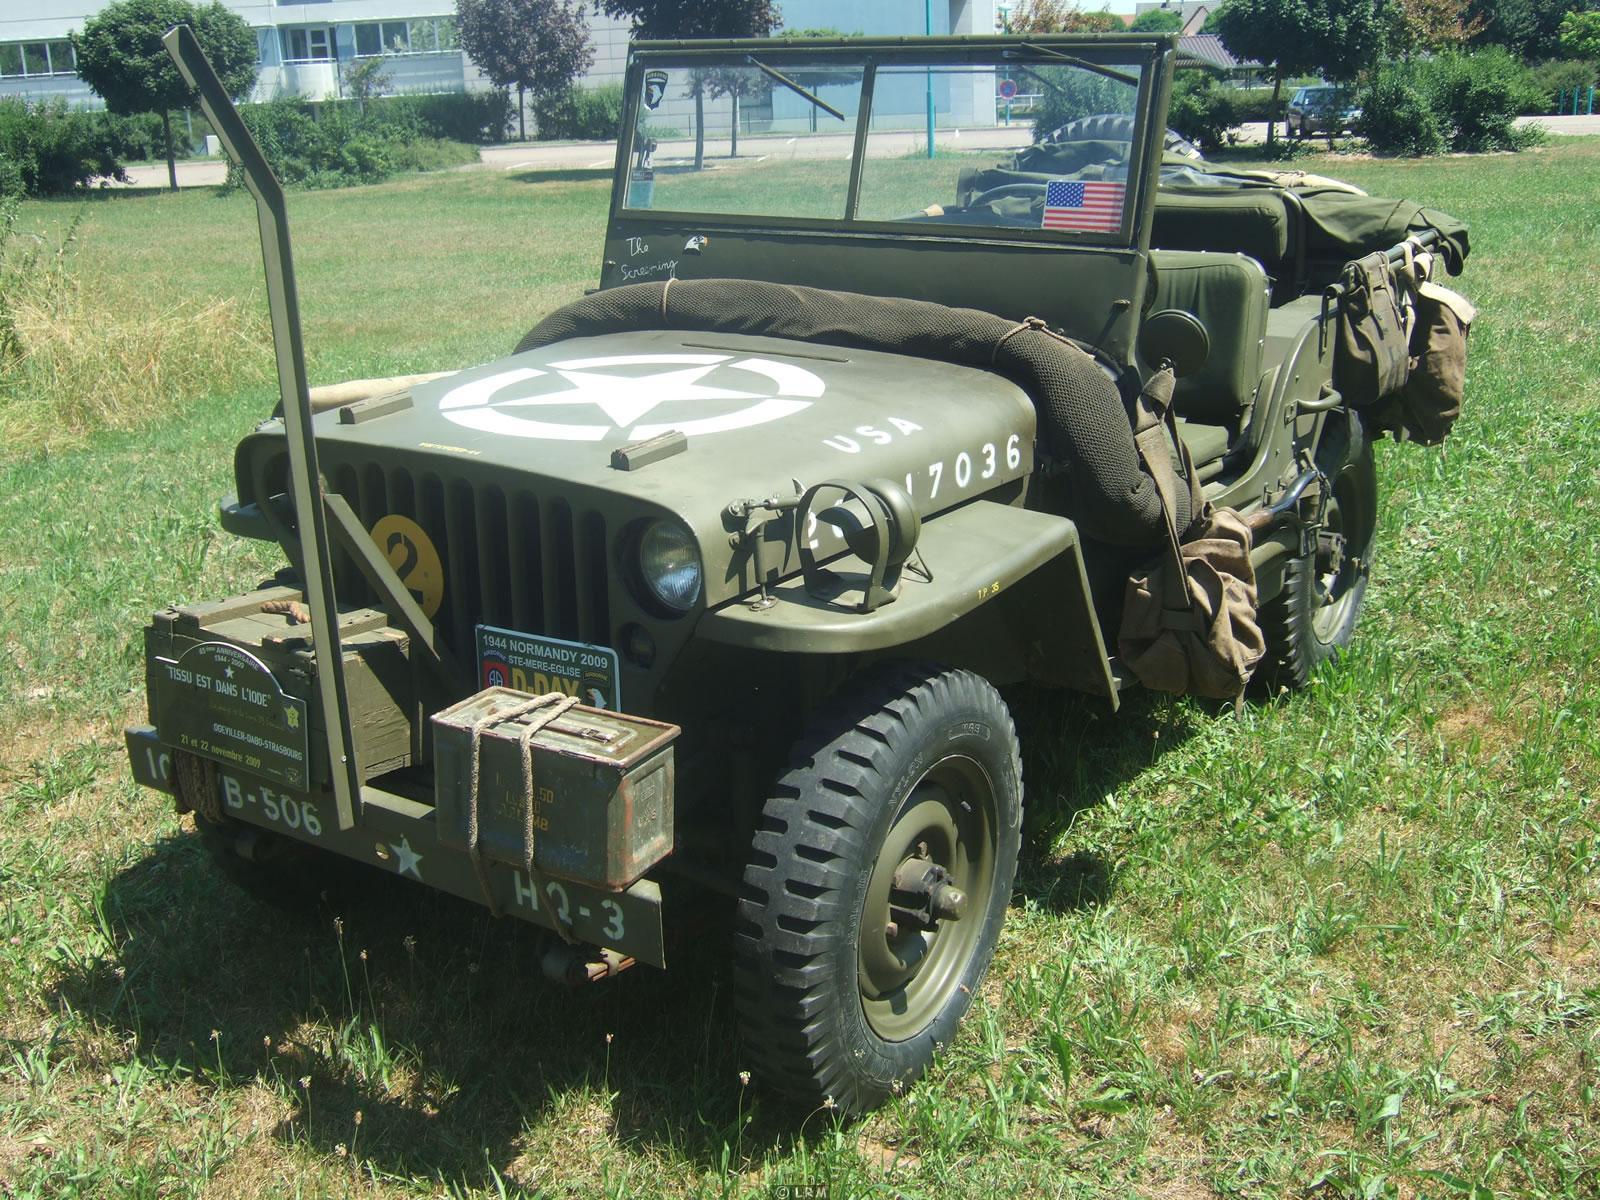 la jeep willys hotchkiss de la ww2 dans tous ses tats histoire forum militaire. Black Bedroom Furniture Sets. Home Design Ideas